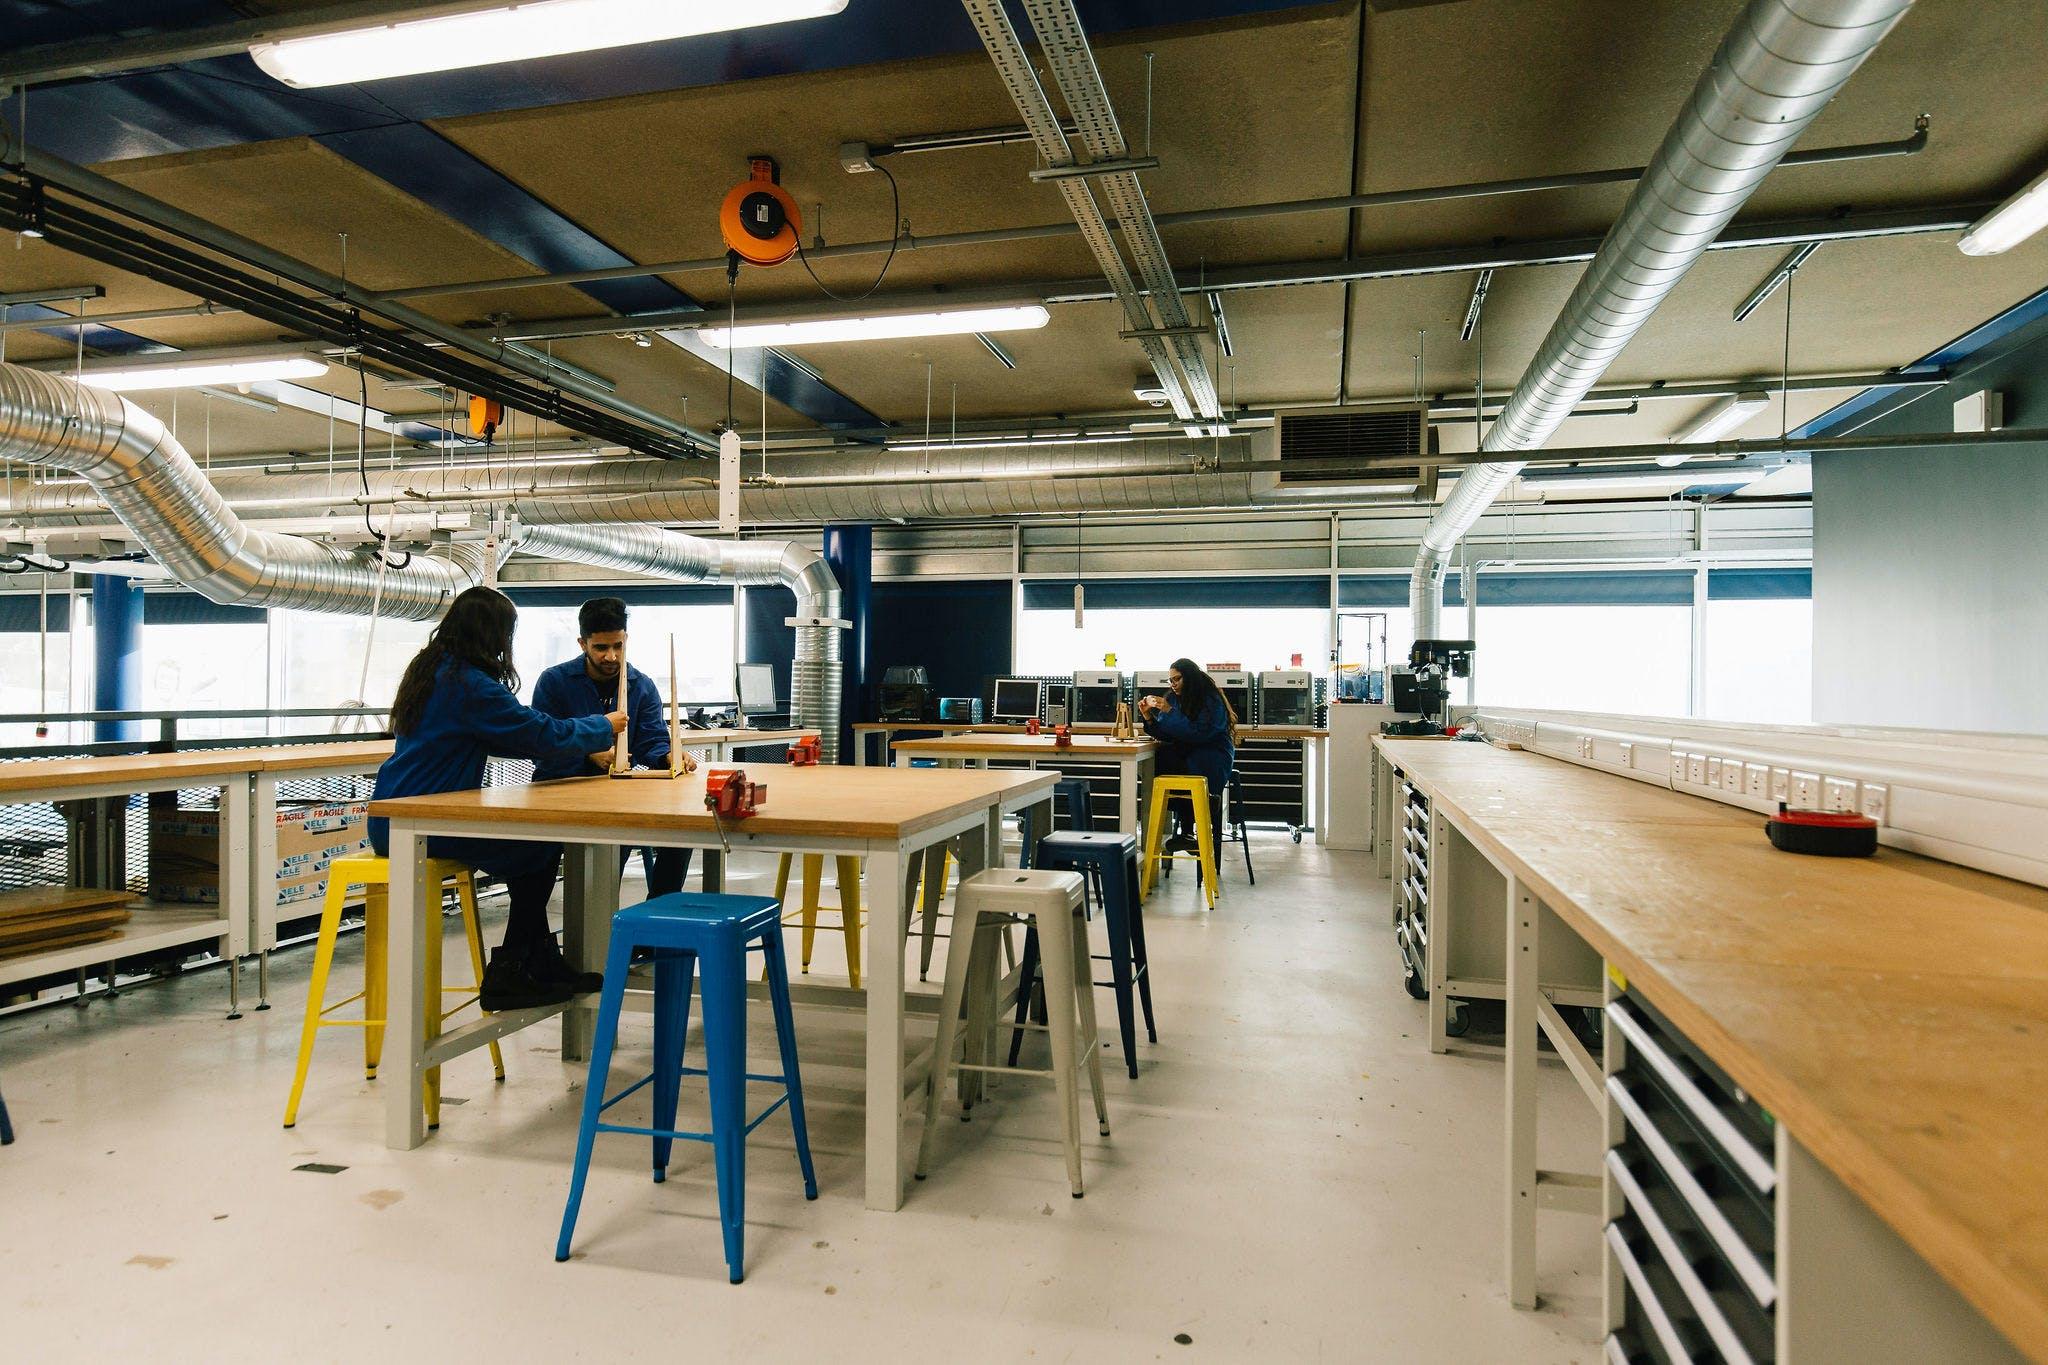 Workshop Mezzanine